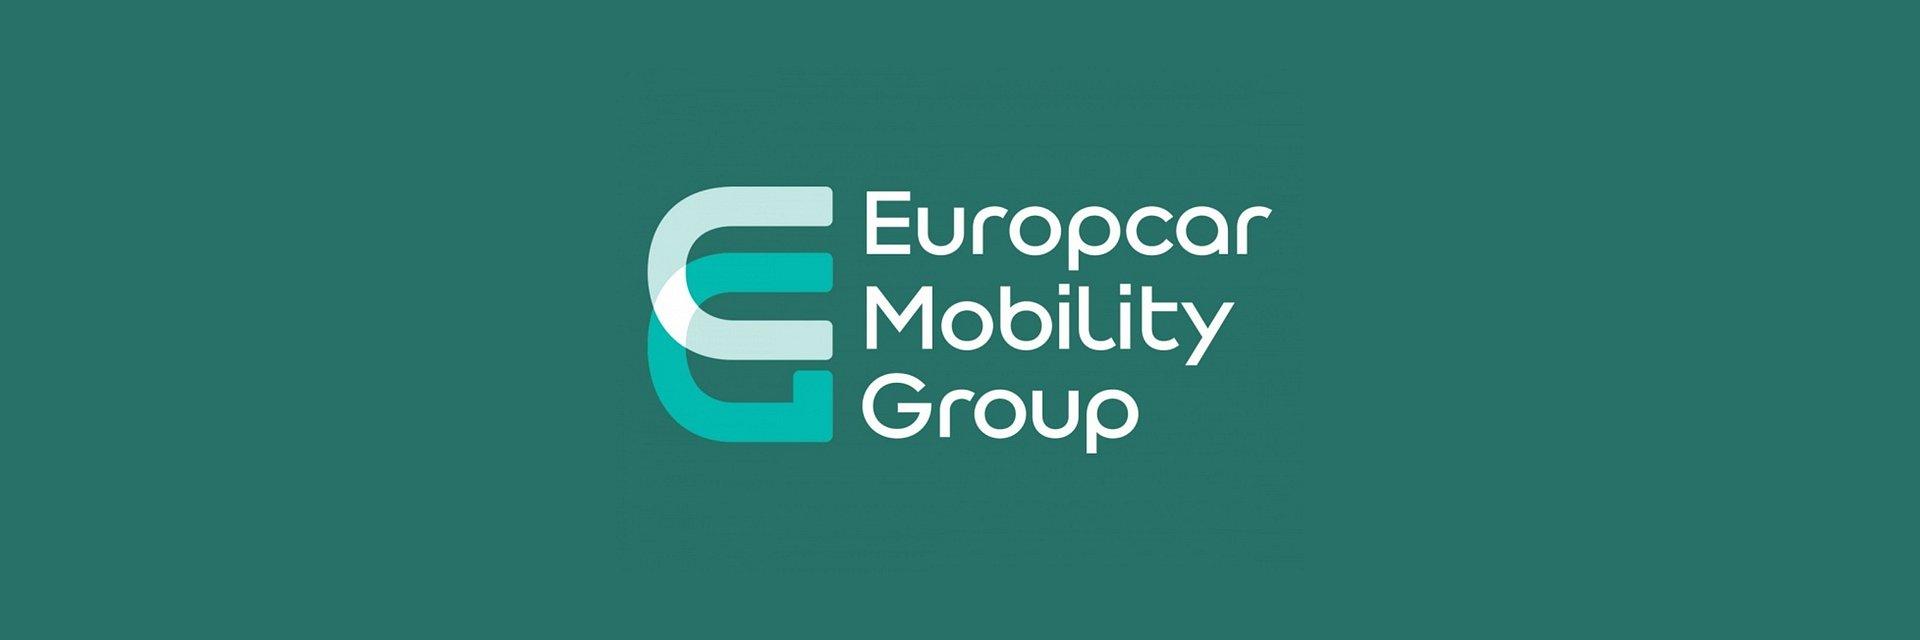 """Europcar Mobility Group vence """"Prémio de Transformação da Experiência do Cliente"""" * entregue pelo AFRC"""